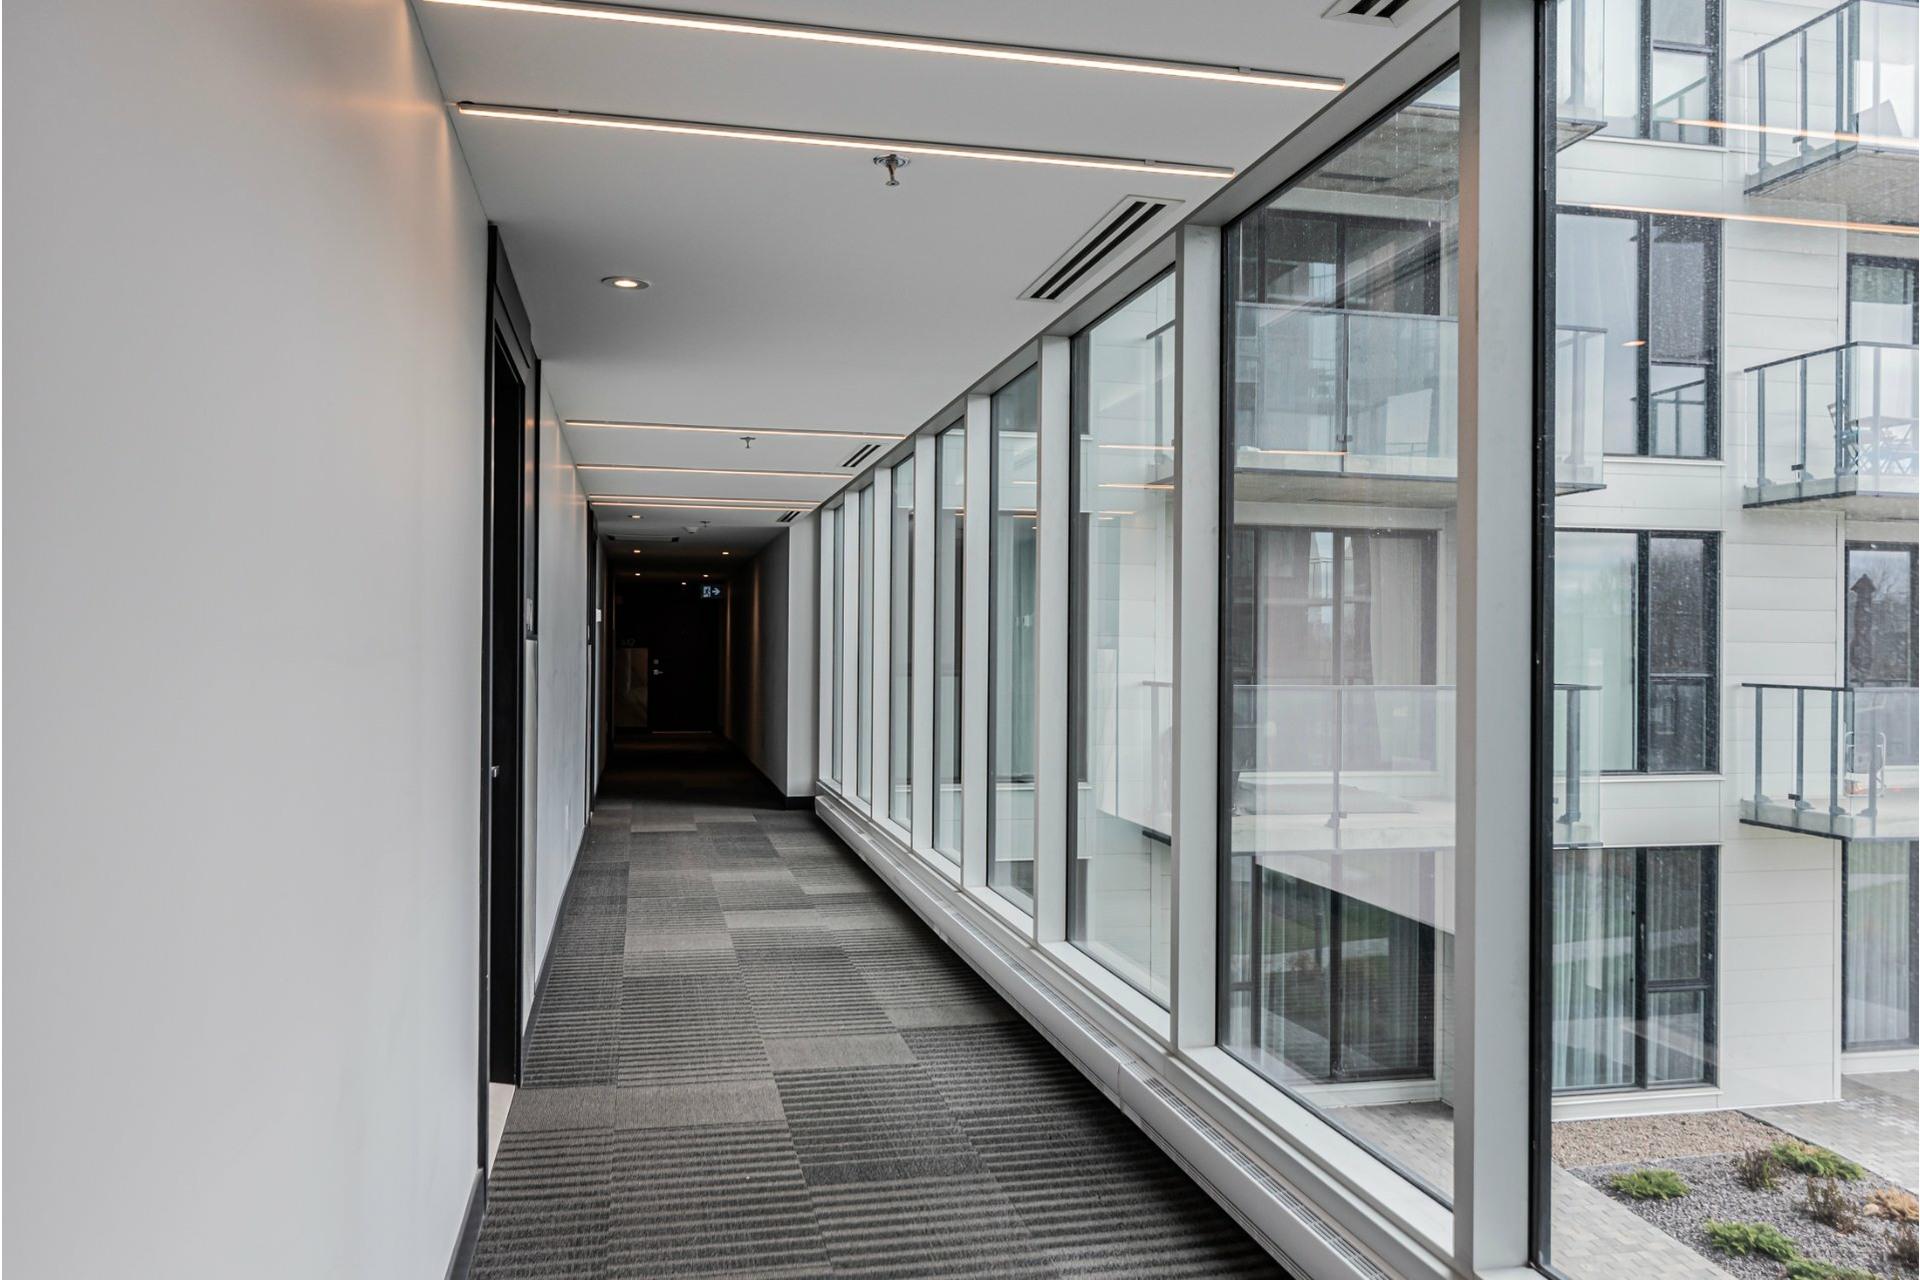 image 16 - Appartement À louer Côte-des-Neiges/Notre-Dame-de-Grâce Montréal  - 6 pièces